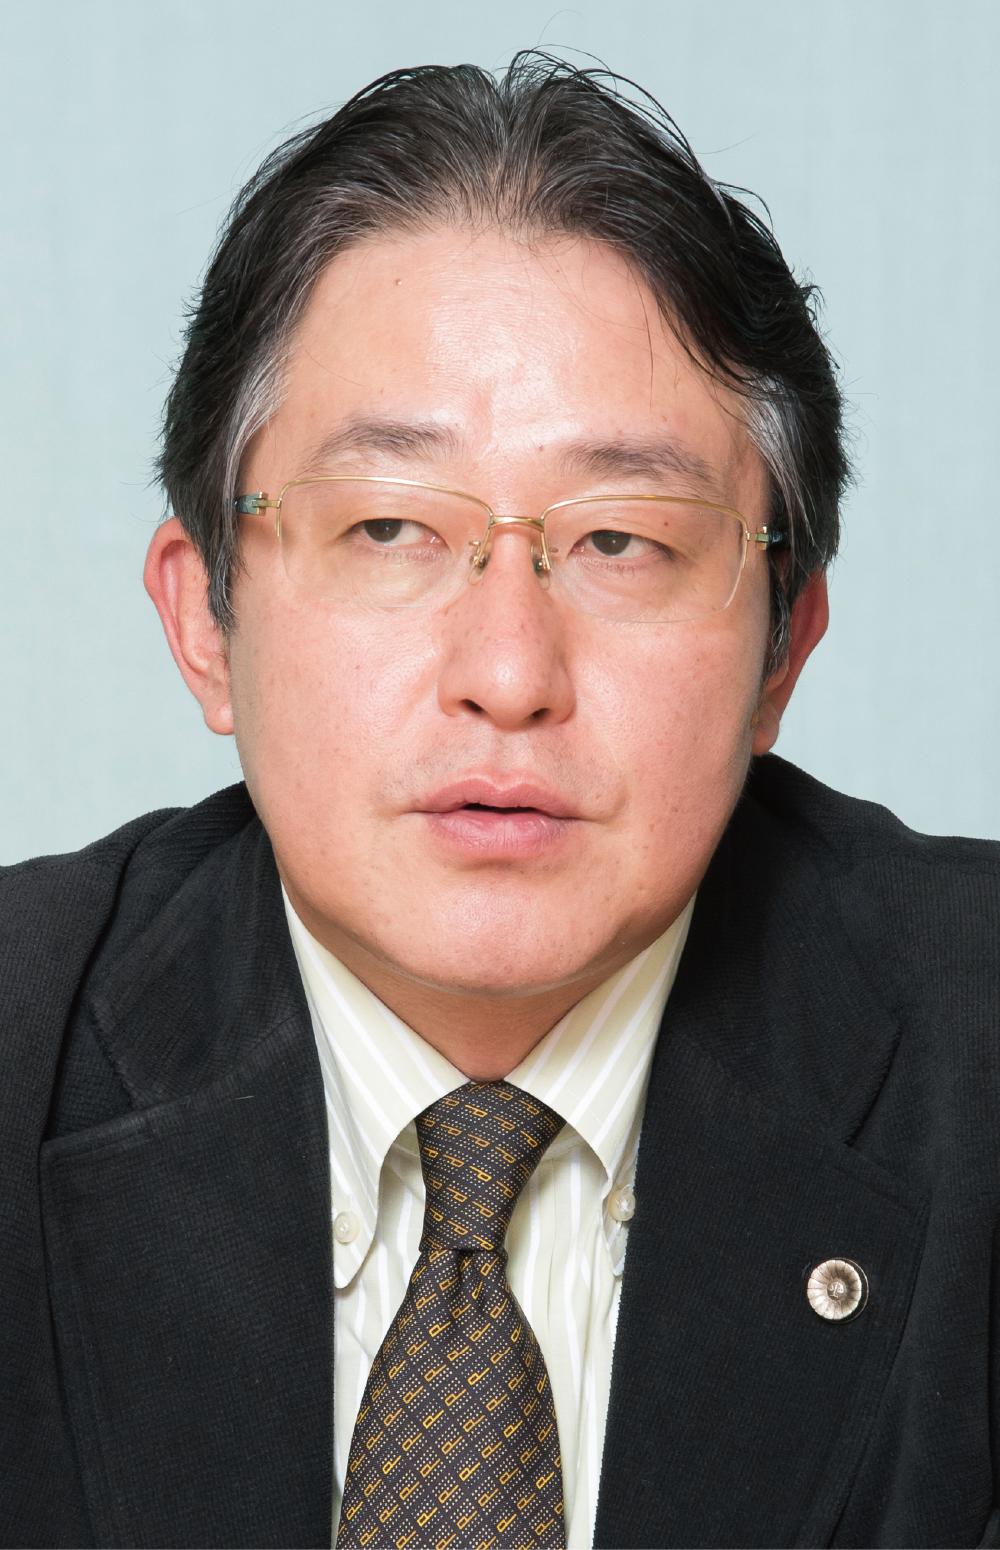 オリック・ヘリントン・アンド・サトクリフ 外国法事務弁護士事務所 オリック東京法律事務所・外国法共同事業